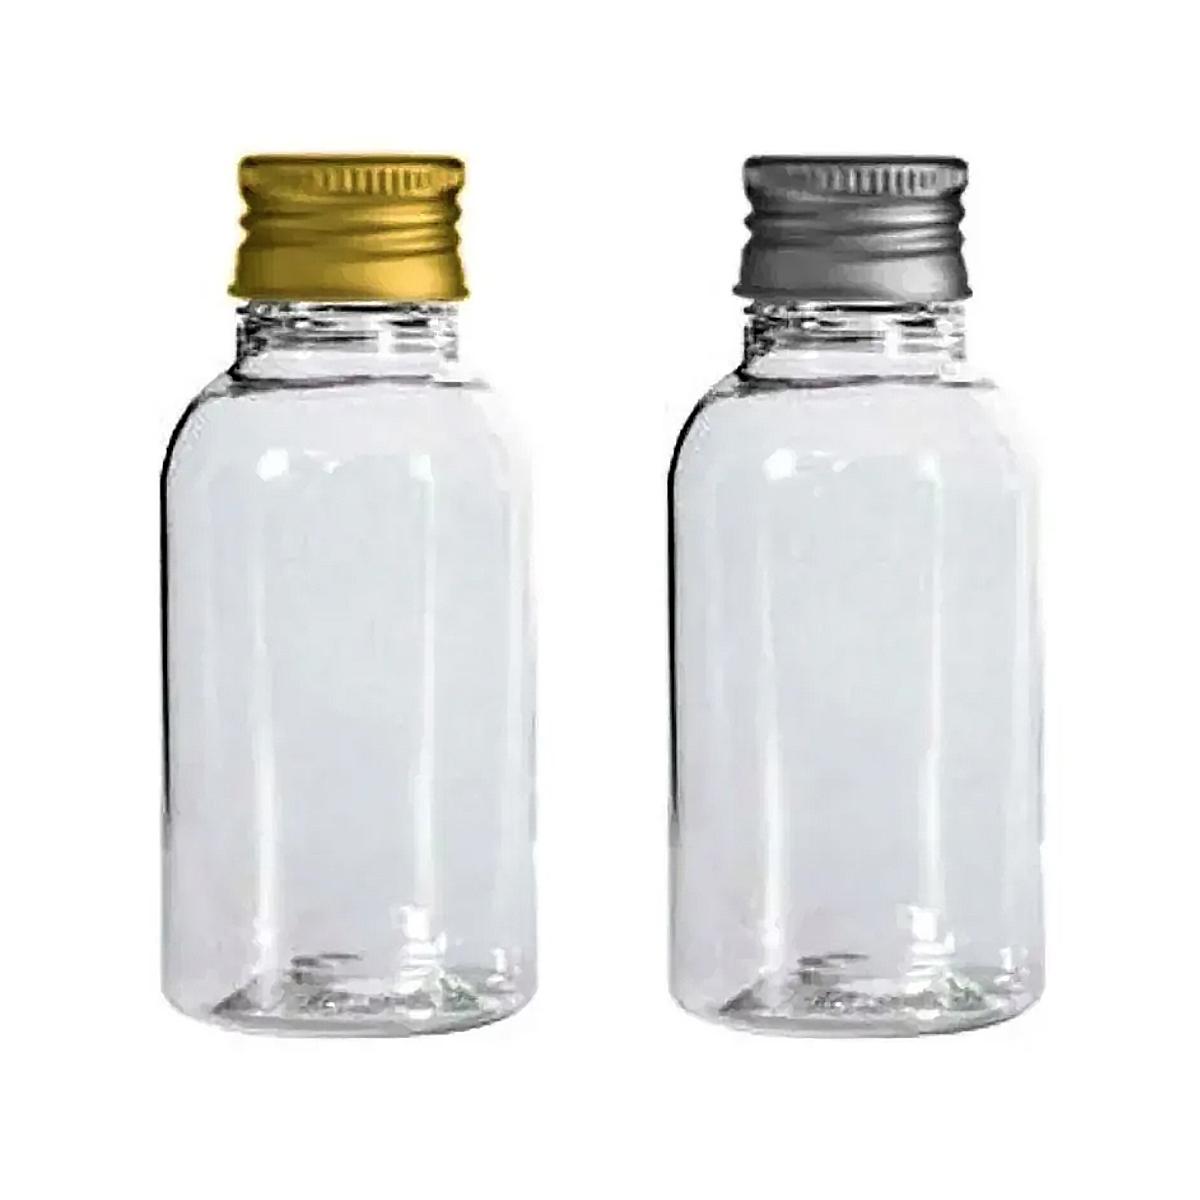 Frasco plástico 30 ml para água benta e lembrancinhas tampa metal 100 unid